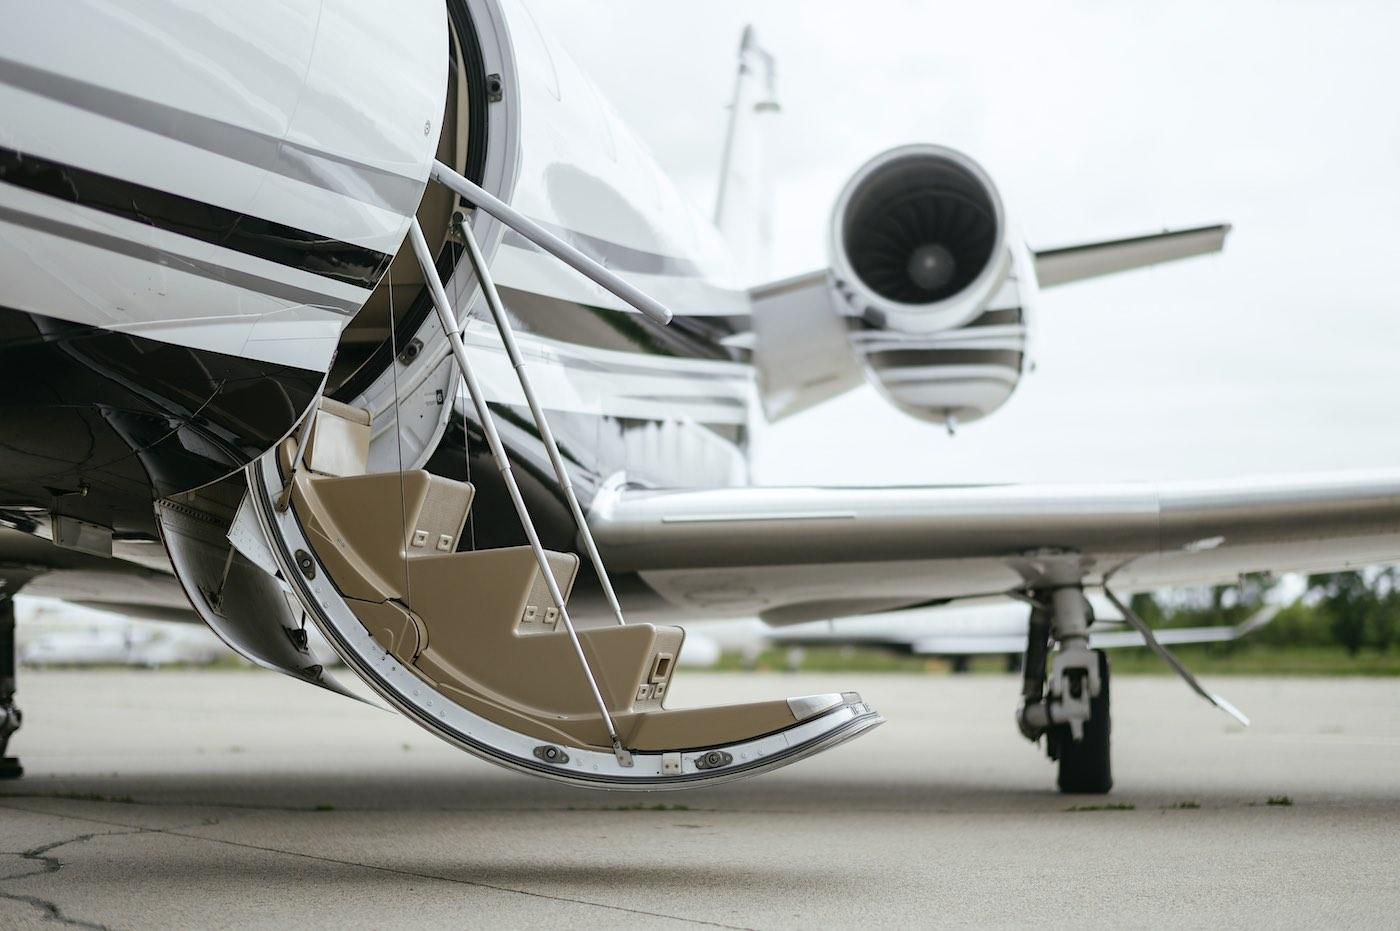 ¿Cuánto cuesta alquilar un jet privado?